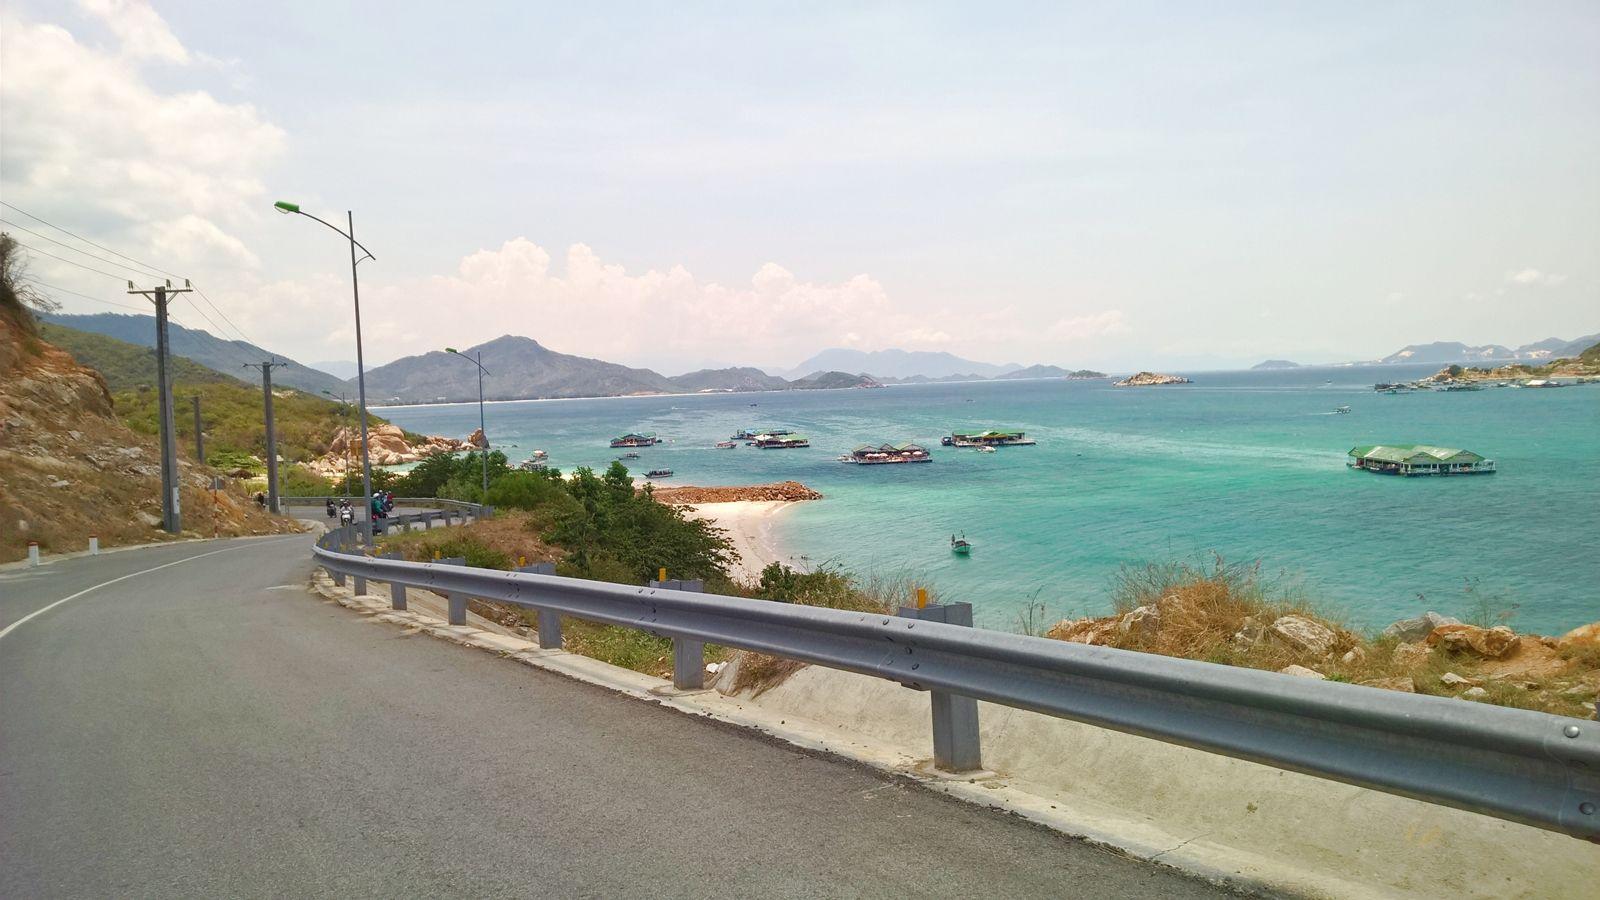 Cung đường biển 702 Phan Rang - Bình Tiên - Dichvuhay.vn